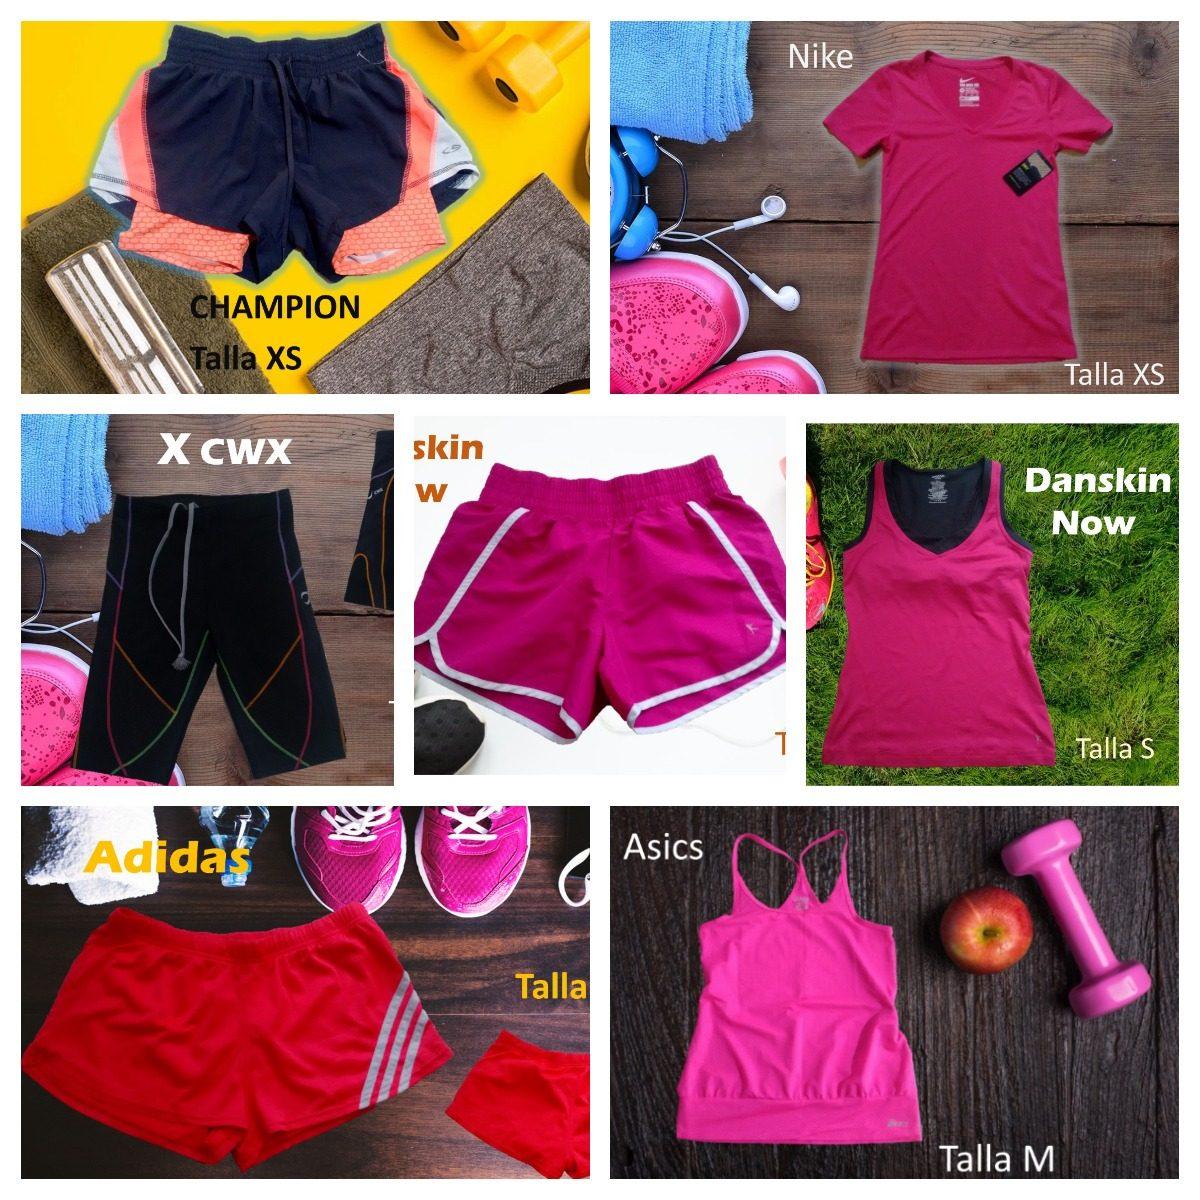 db8cd840cc6ea lote 50 prendas ropa deportiva original nueva envio gratis. Cargando zoom.